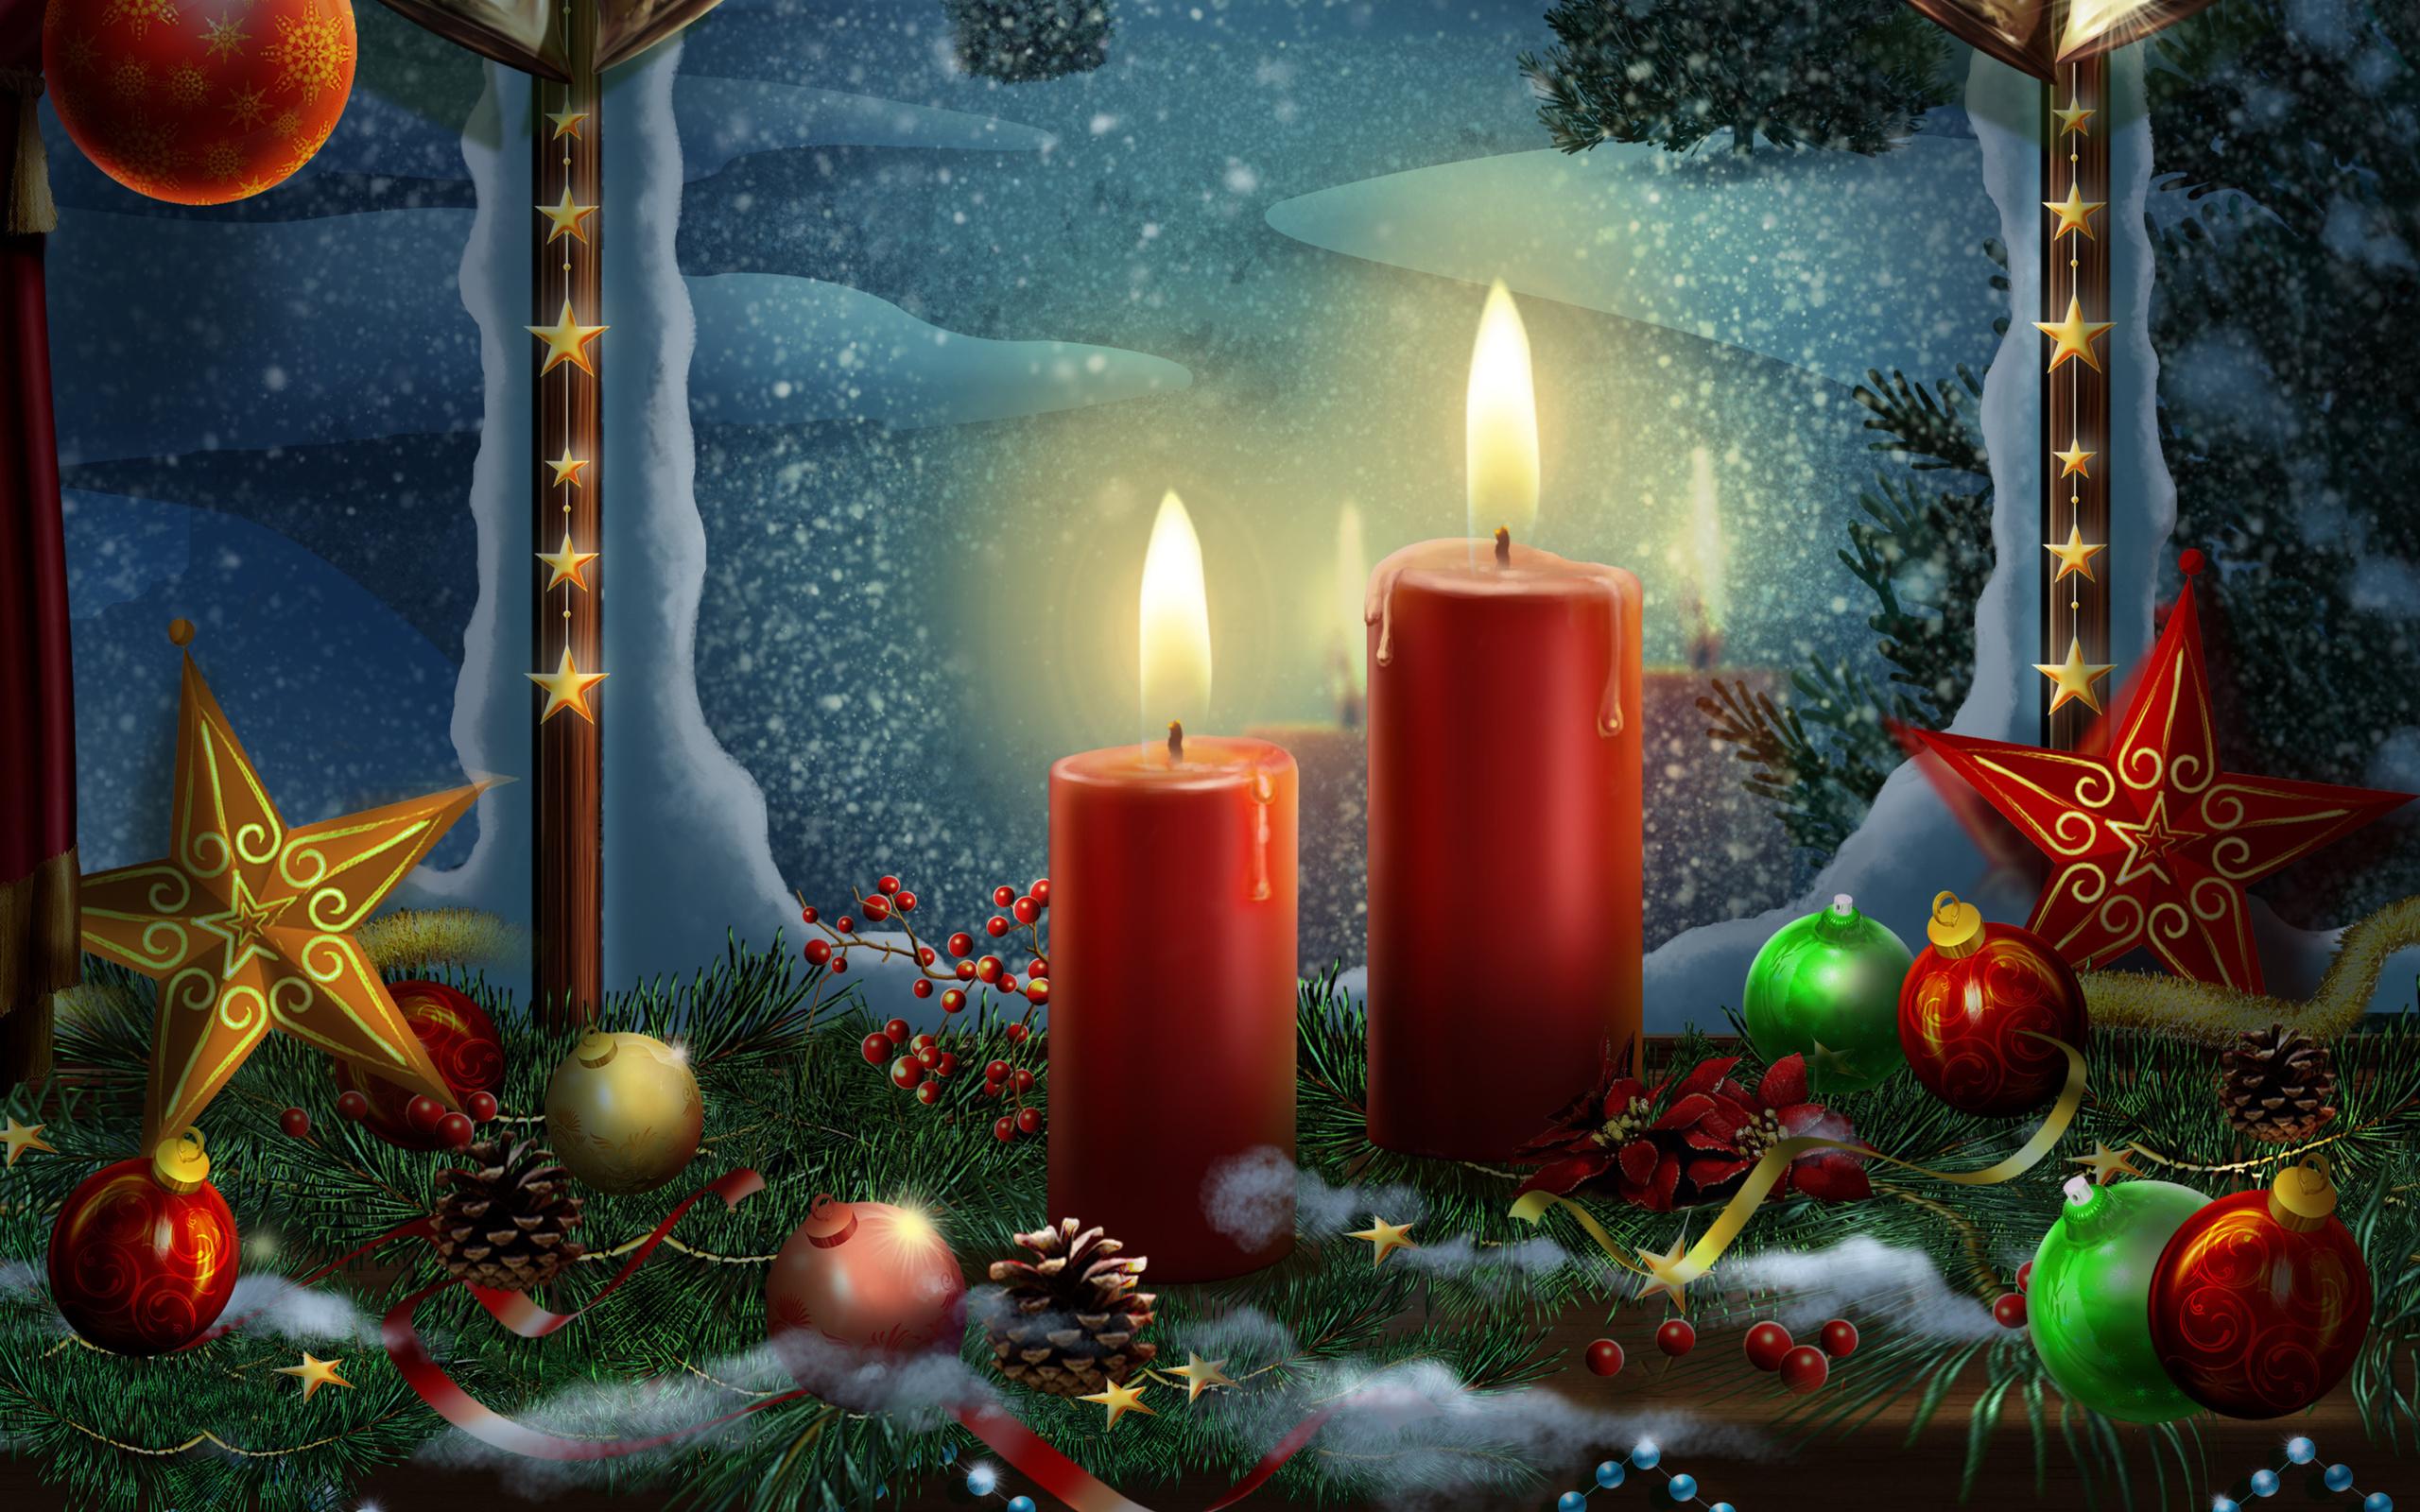 Волшебная открытка с новым годом, пятница вечер день